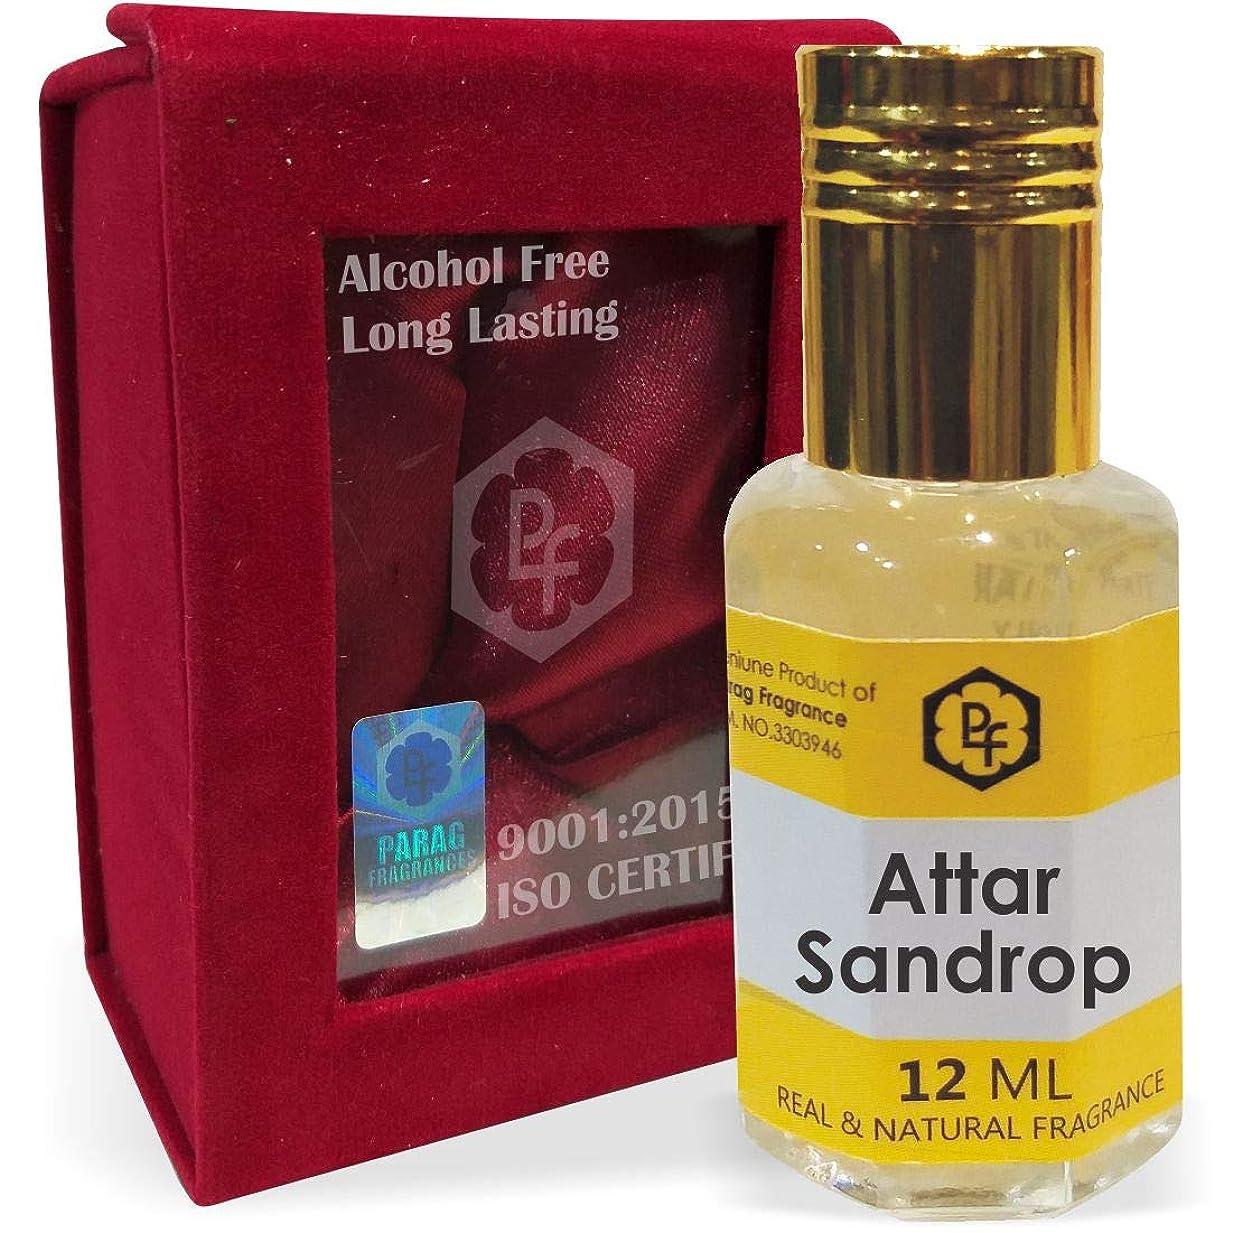 落ち着いて何素子ParagフレグランスSandrop手作りベルベットボックス12ミリリットルアター/香水(インドの伝統的なBhapka処理方法により、インド製)オイル/フレグランスオイル|長持ちアターITRA最高の品質